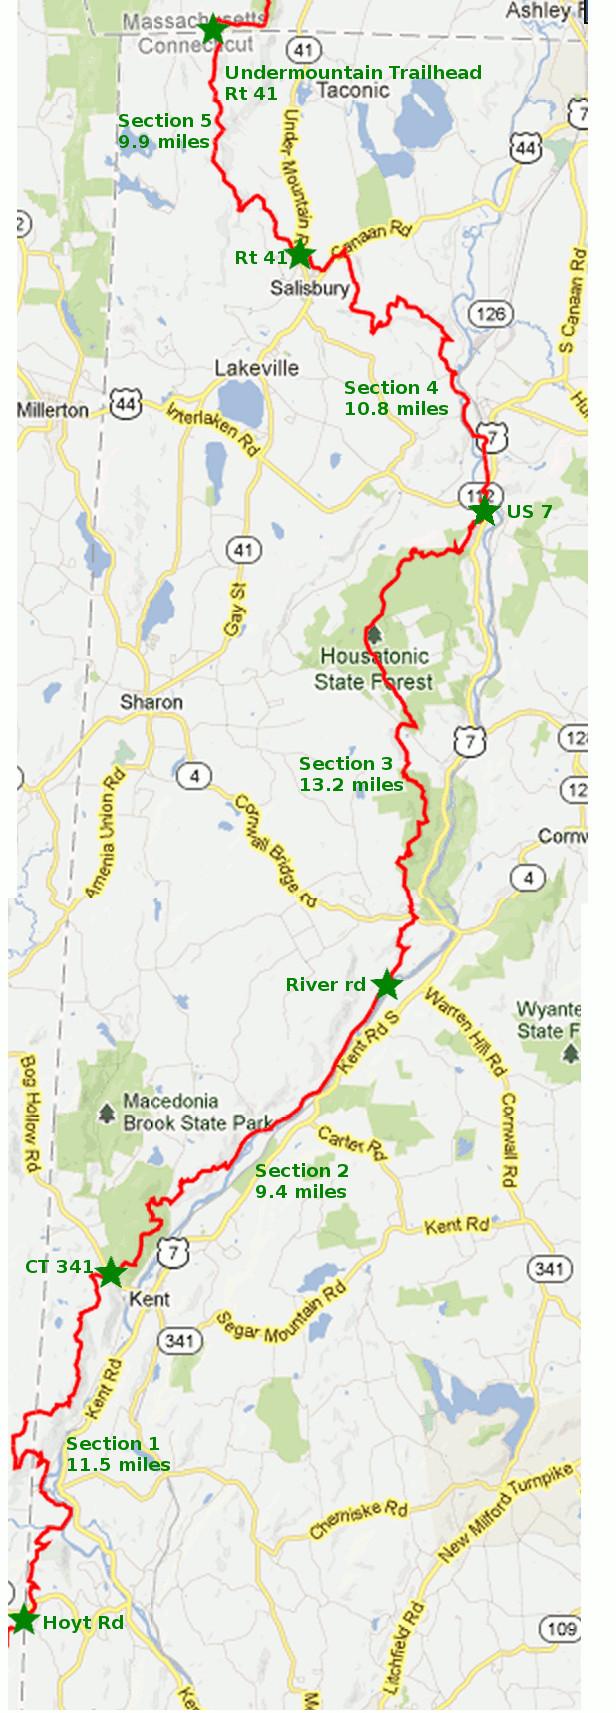 Connecticut Appalachian Trail Part 4  RI Outdoors